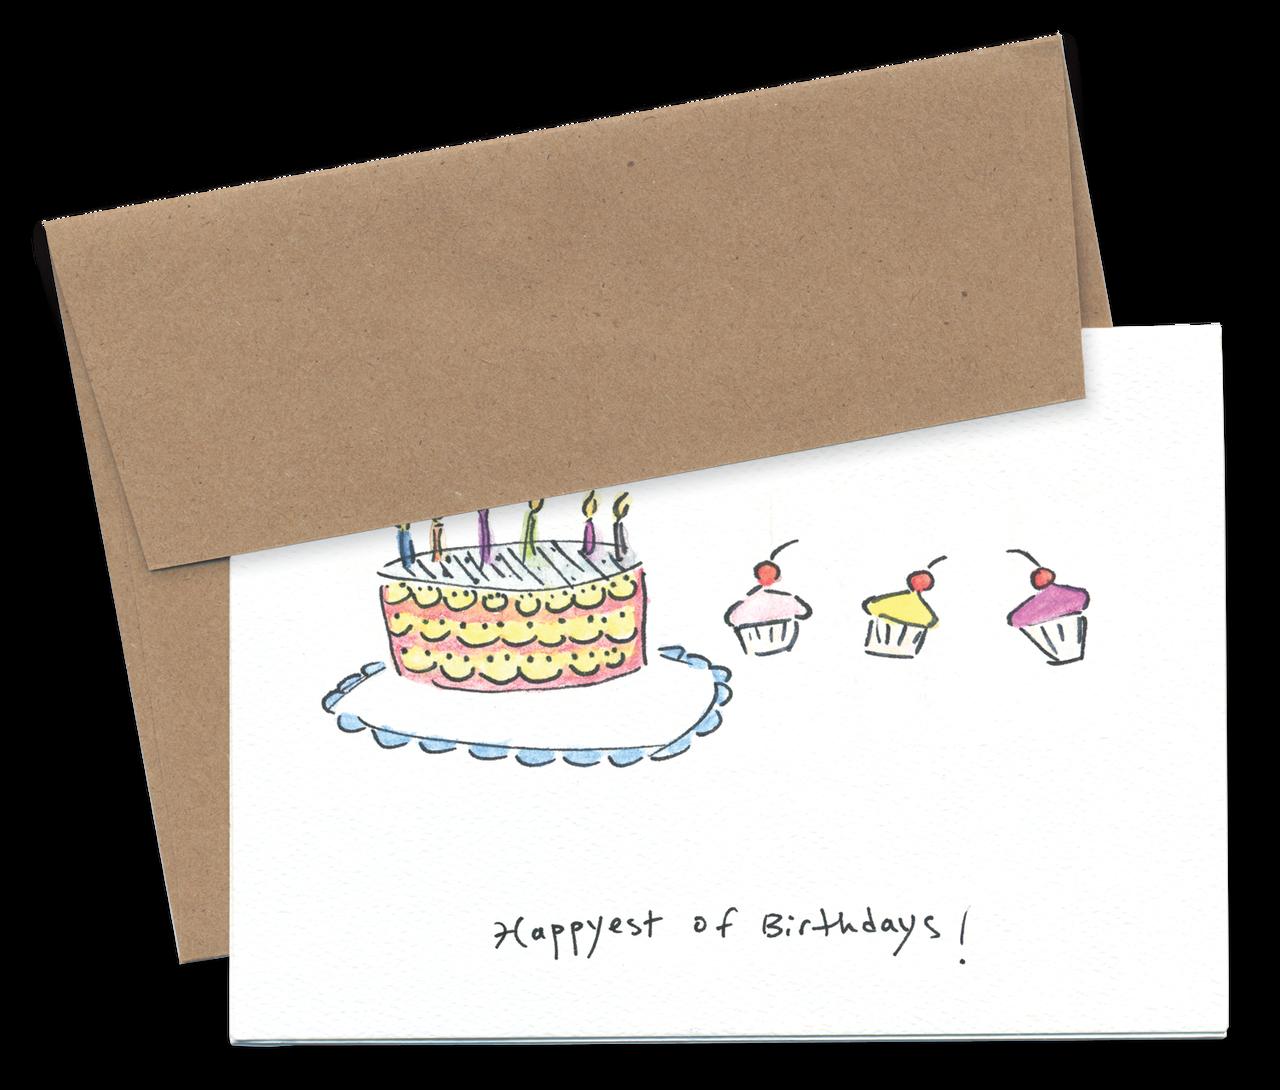 Happyest of Birthdays